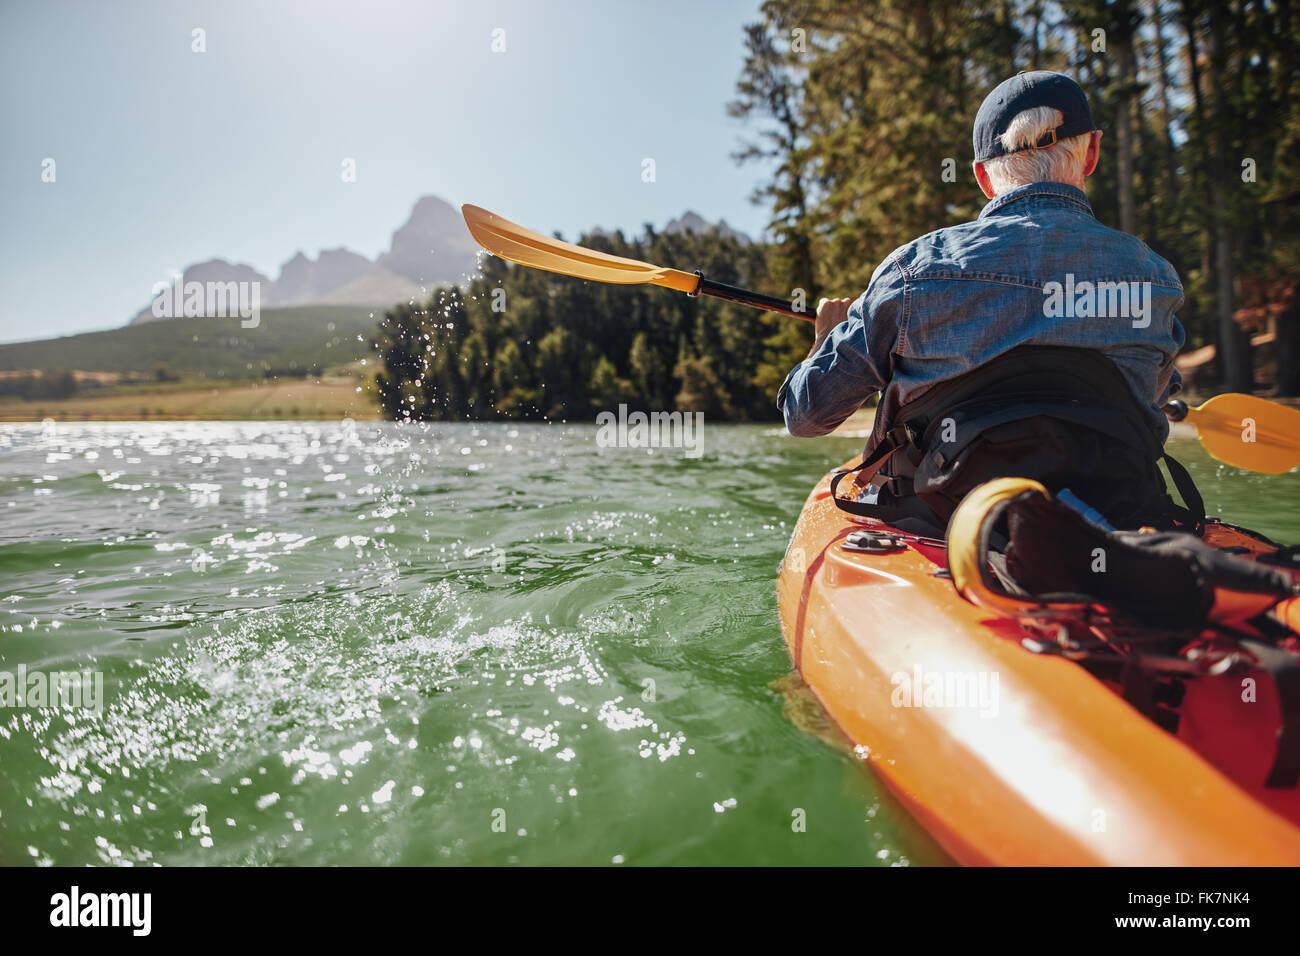 Rear View-Bild eines Mannes in einem See paddeln. Mann eine Kajak paddeln, an Sommertagen. Stockbild